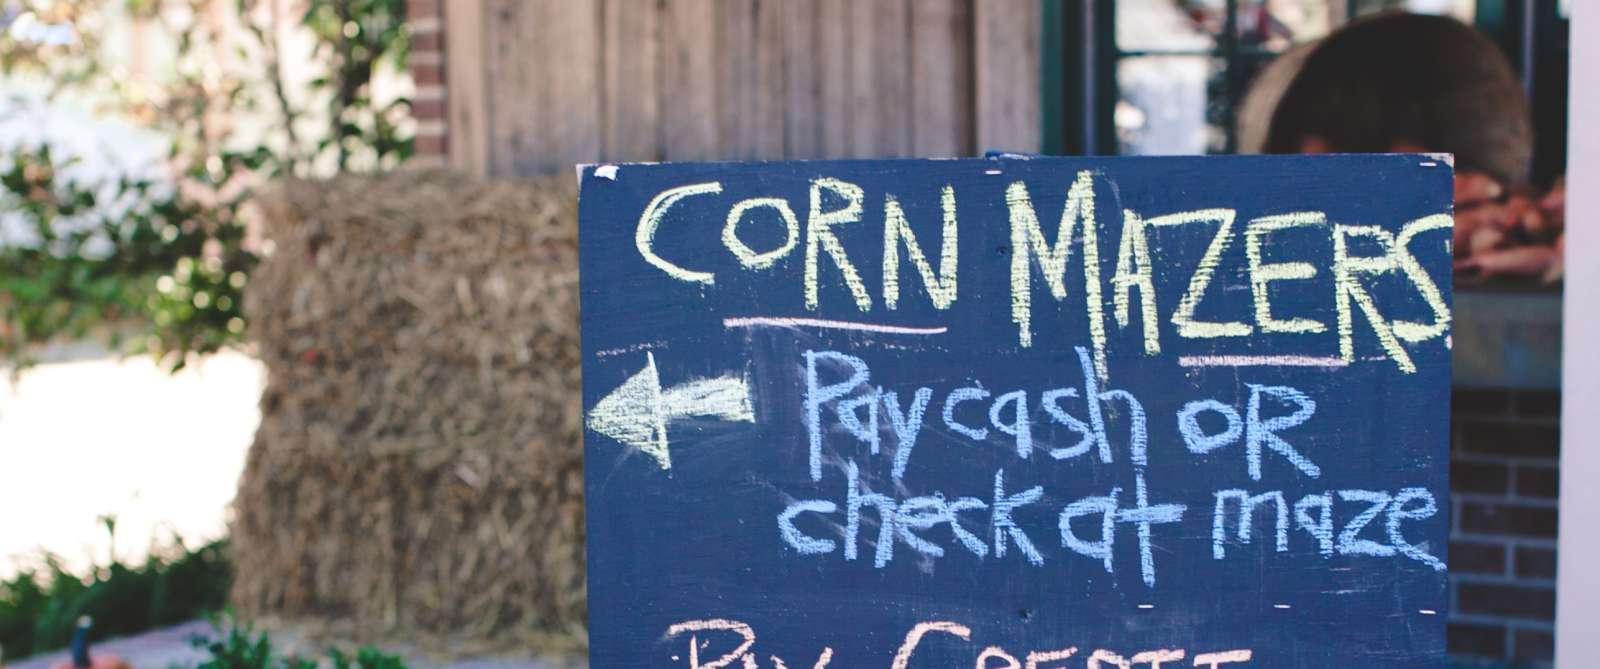 Copy of corn maze 2